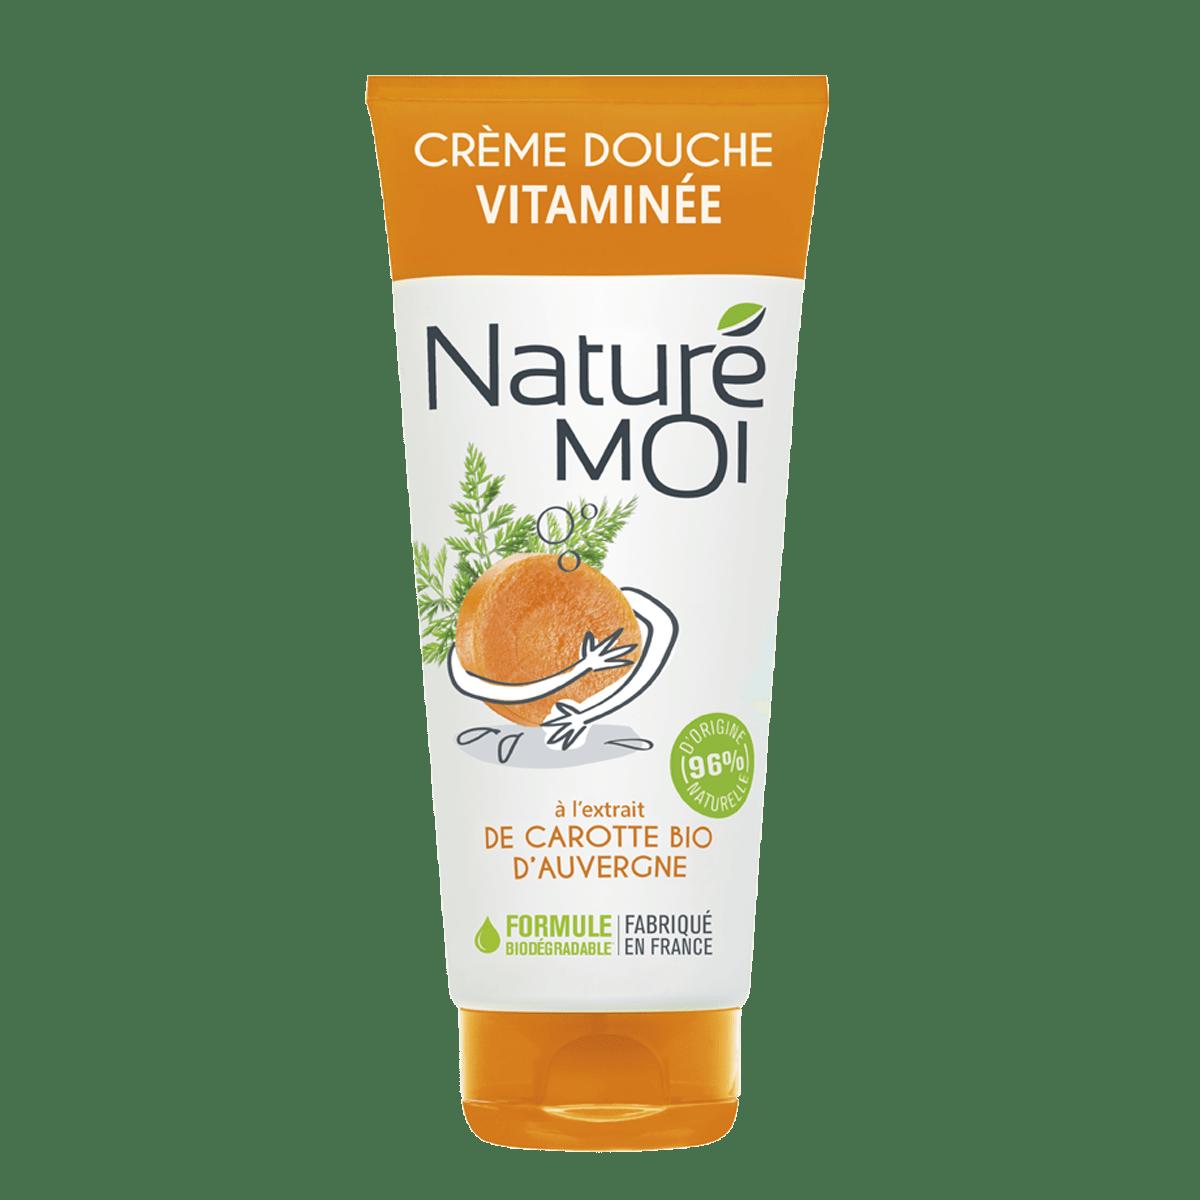 Image Crème Douche Vitaminée à la carotte BIO d'Auvergne